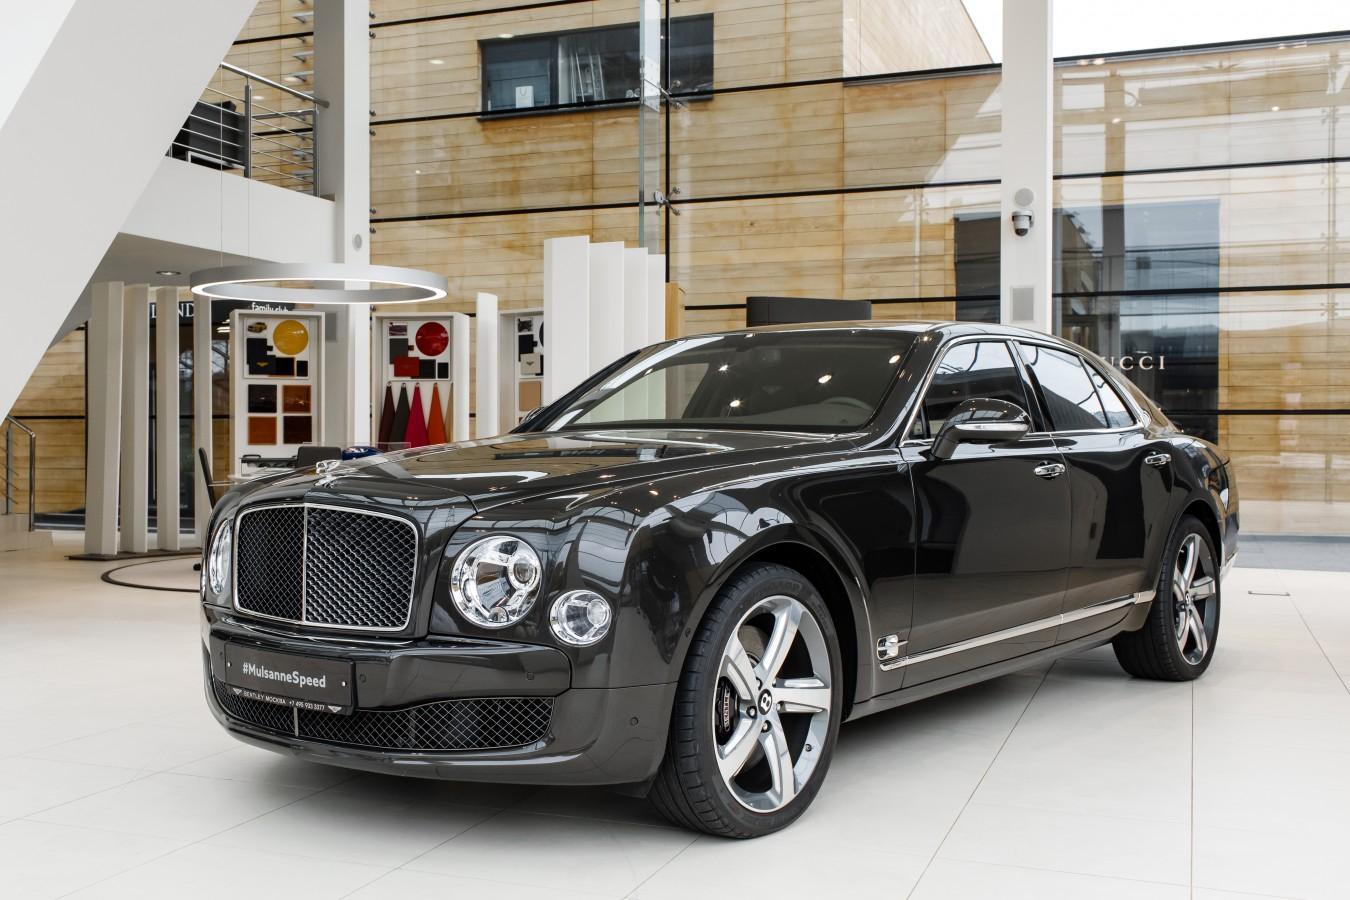 Bentley Mulsanne Portofino - изображение 010418Mercury_Auto_084 на Bentleymoscow.ru!